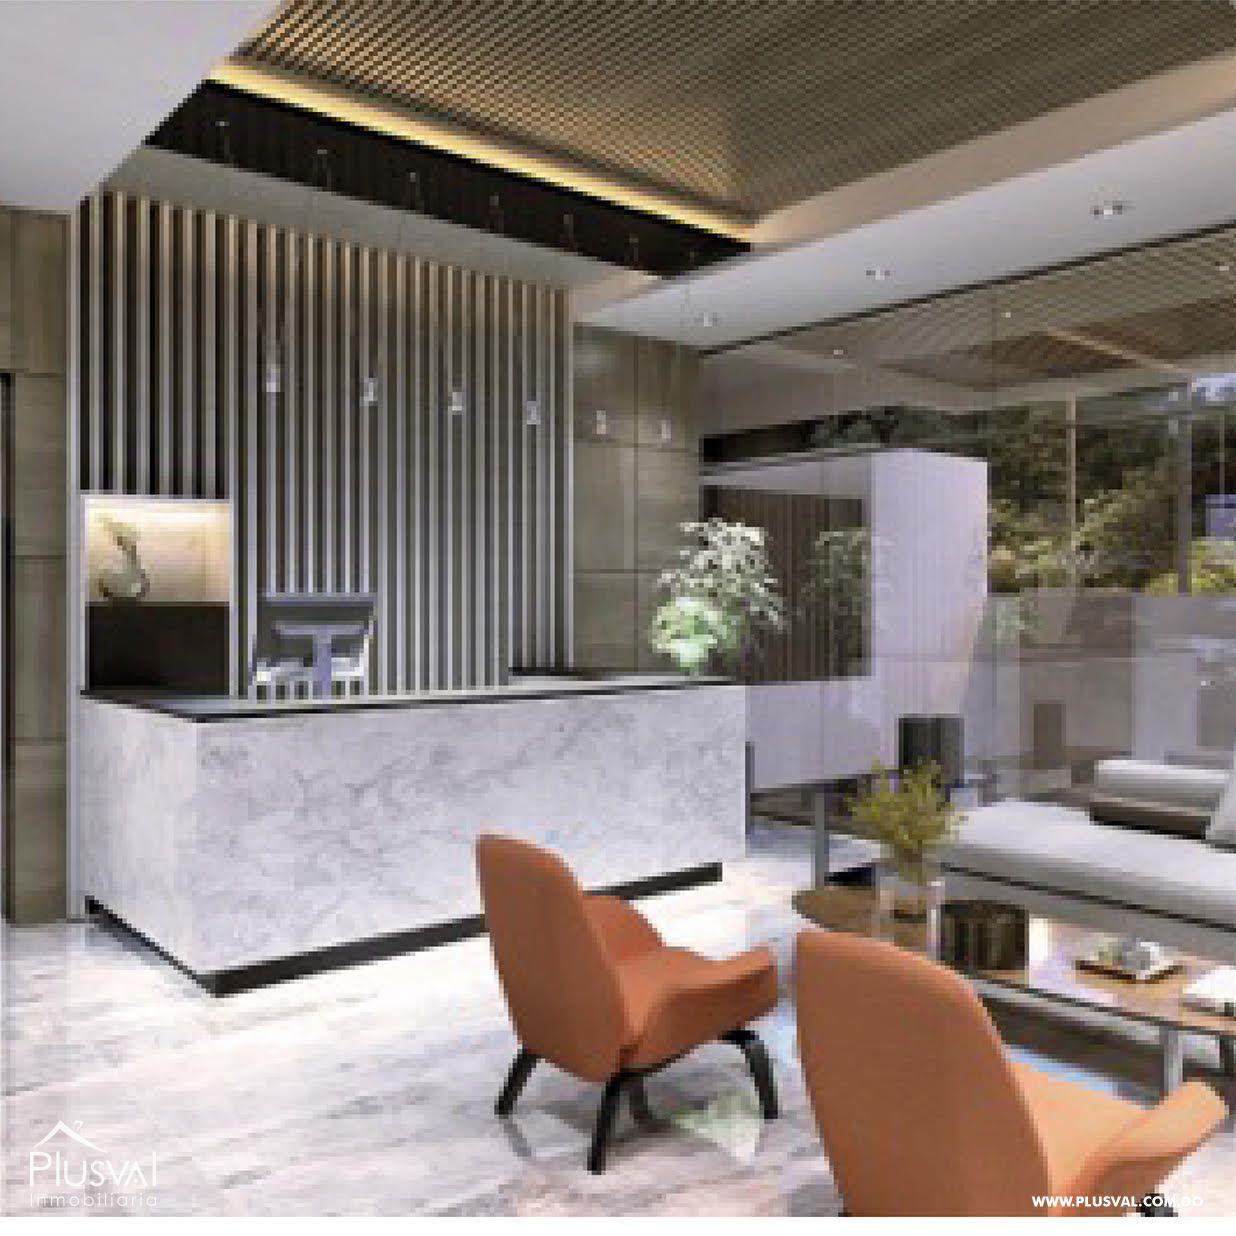 Proyecto de 1 y 2 habitaciones en venta en céntrico sector de Naco 153174